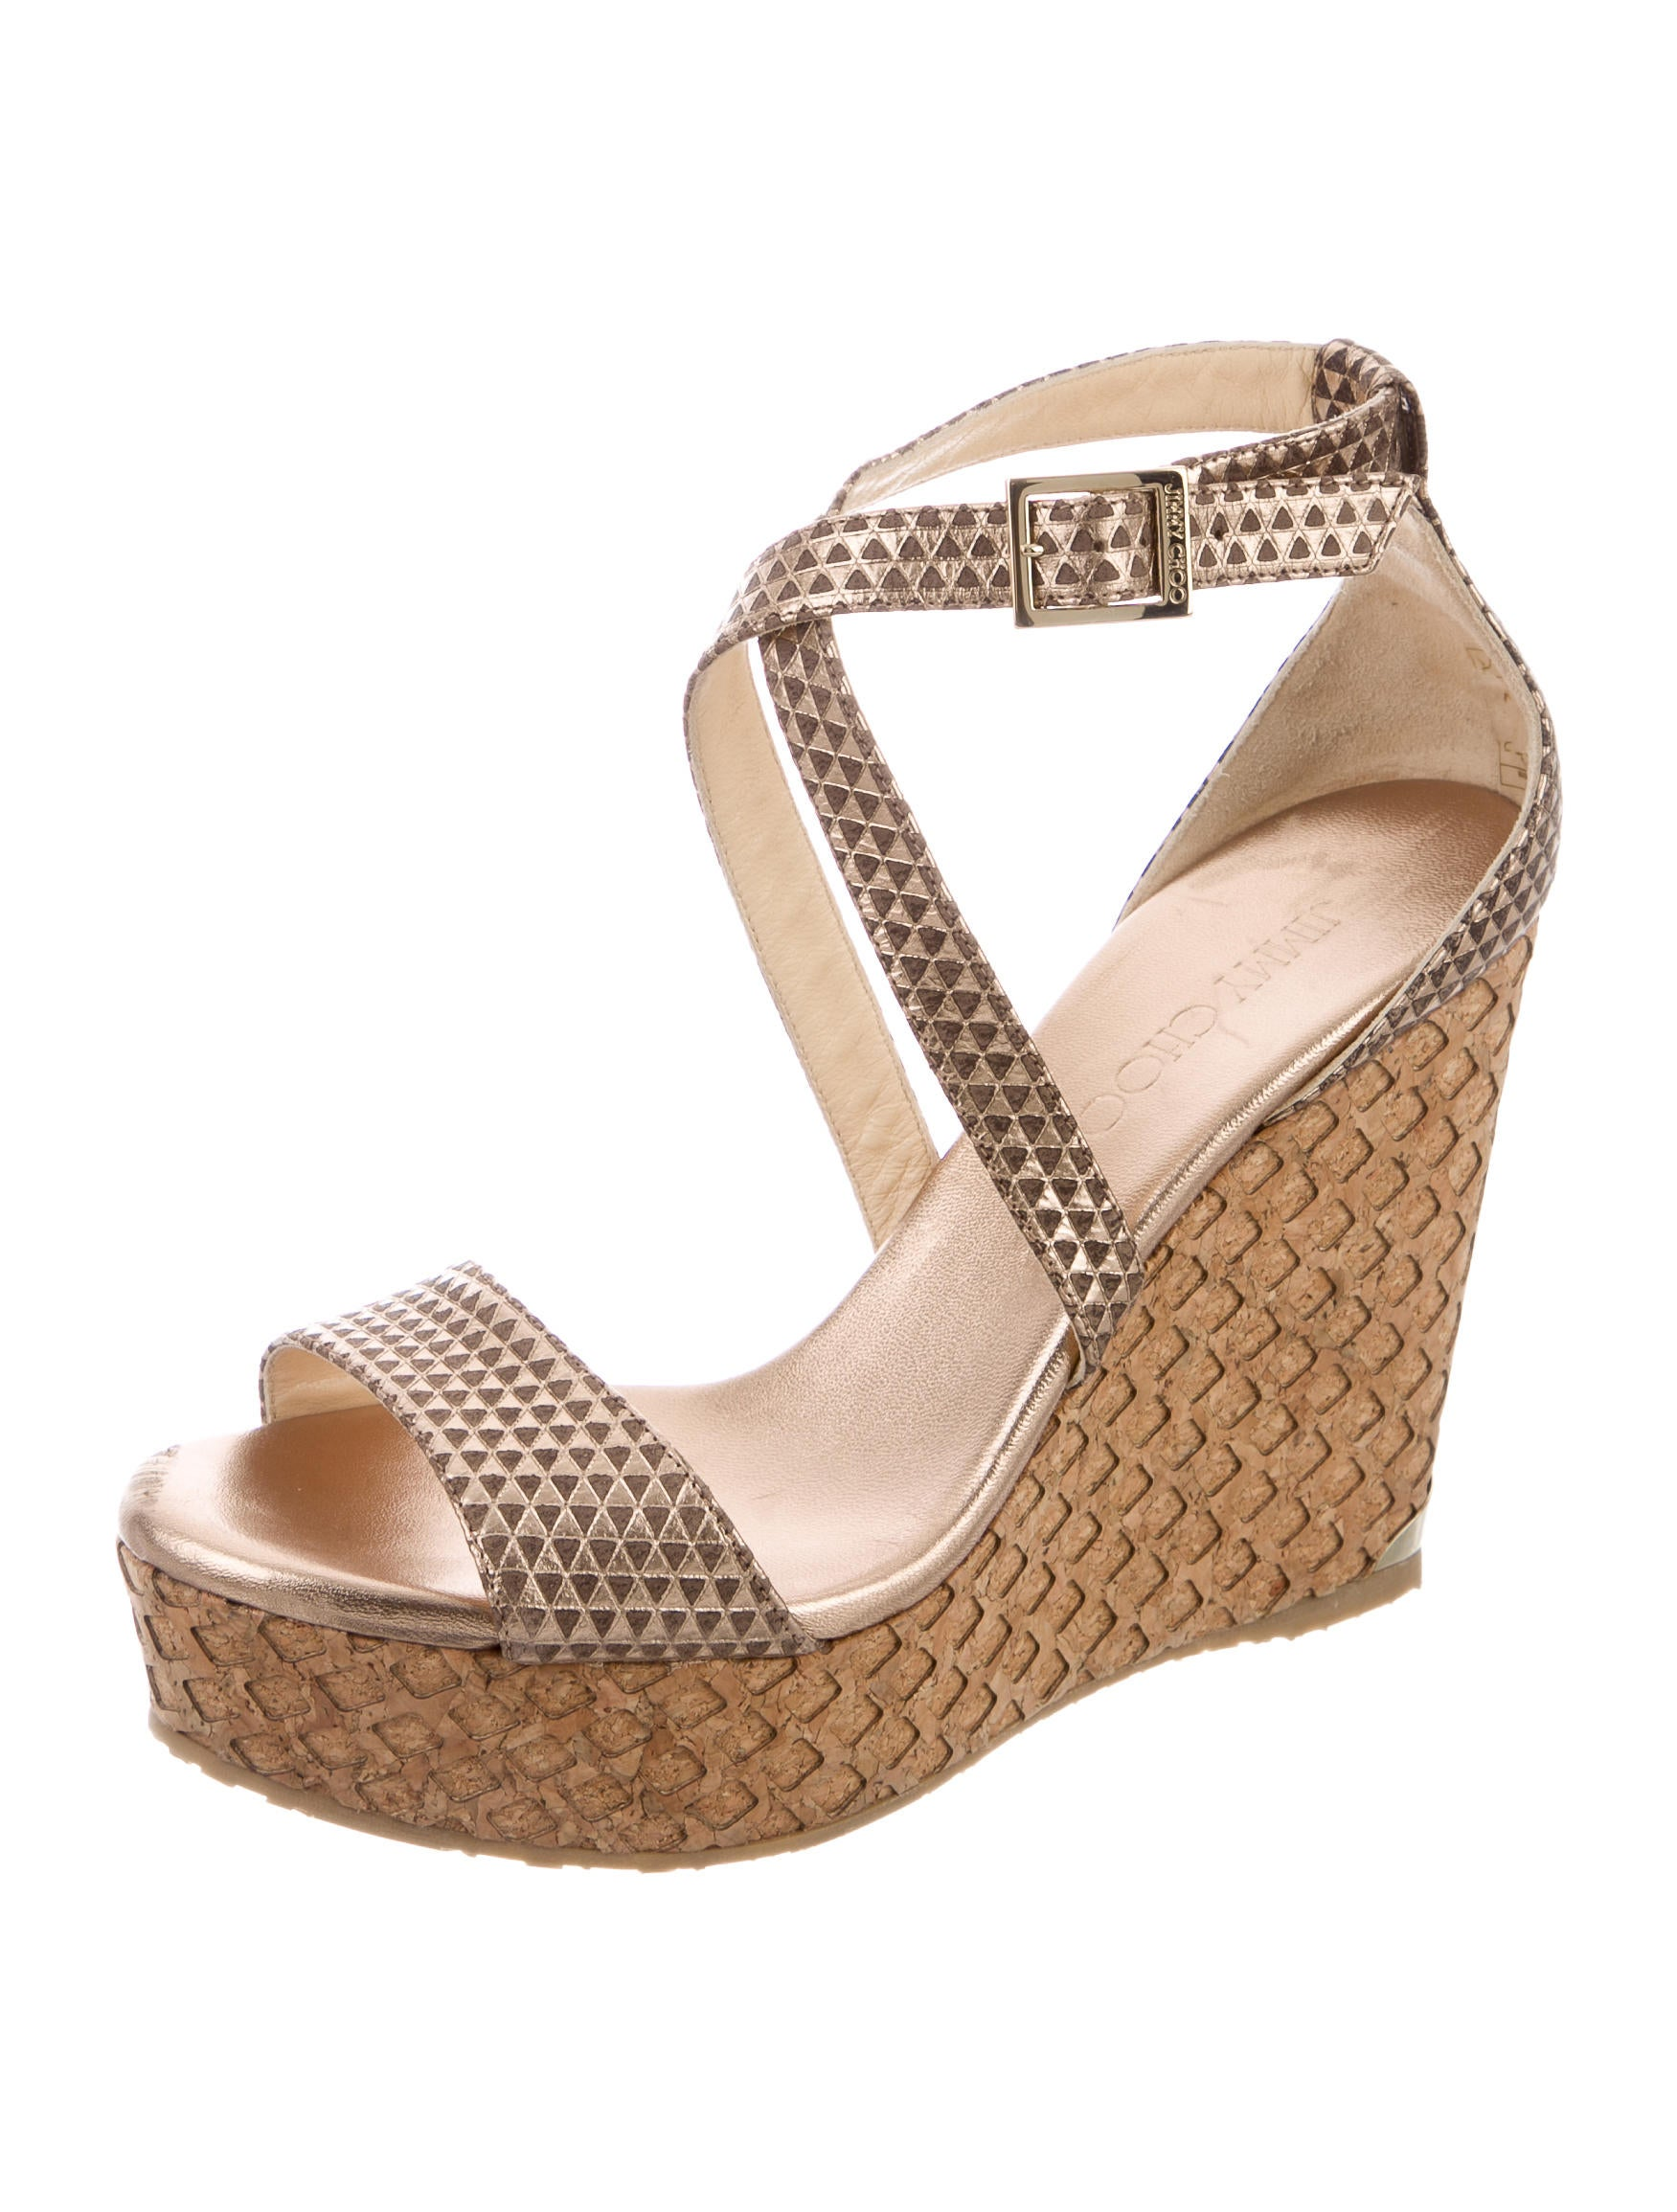 jimmy choo metallic wedge sandals shoes jim61617 the